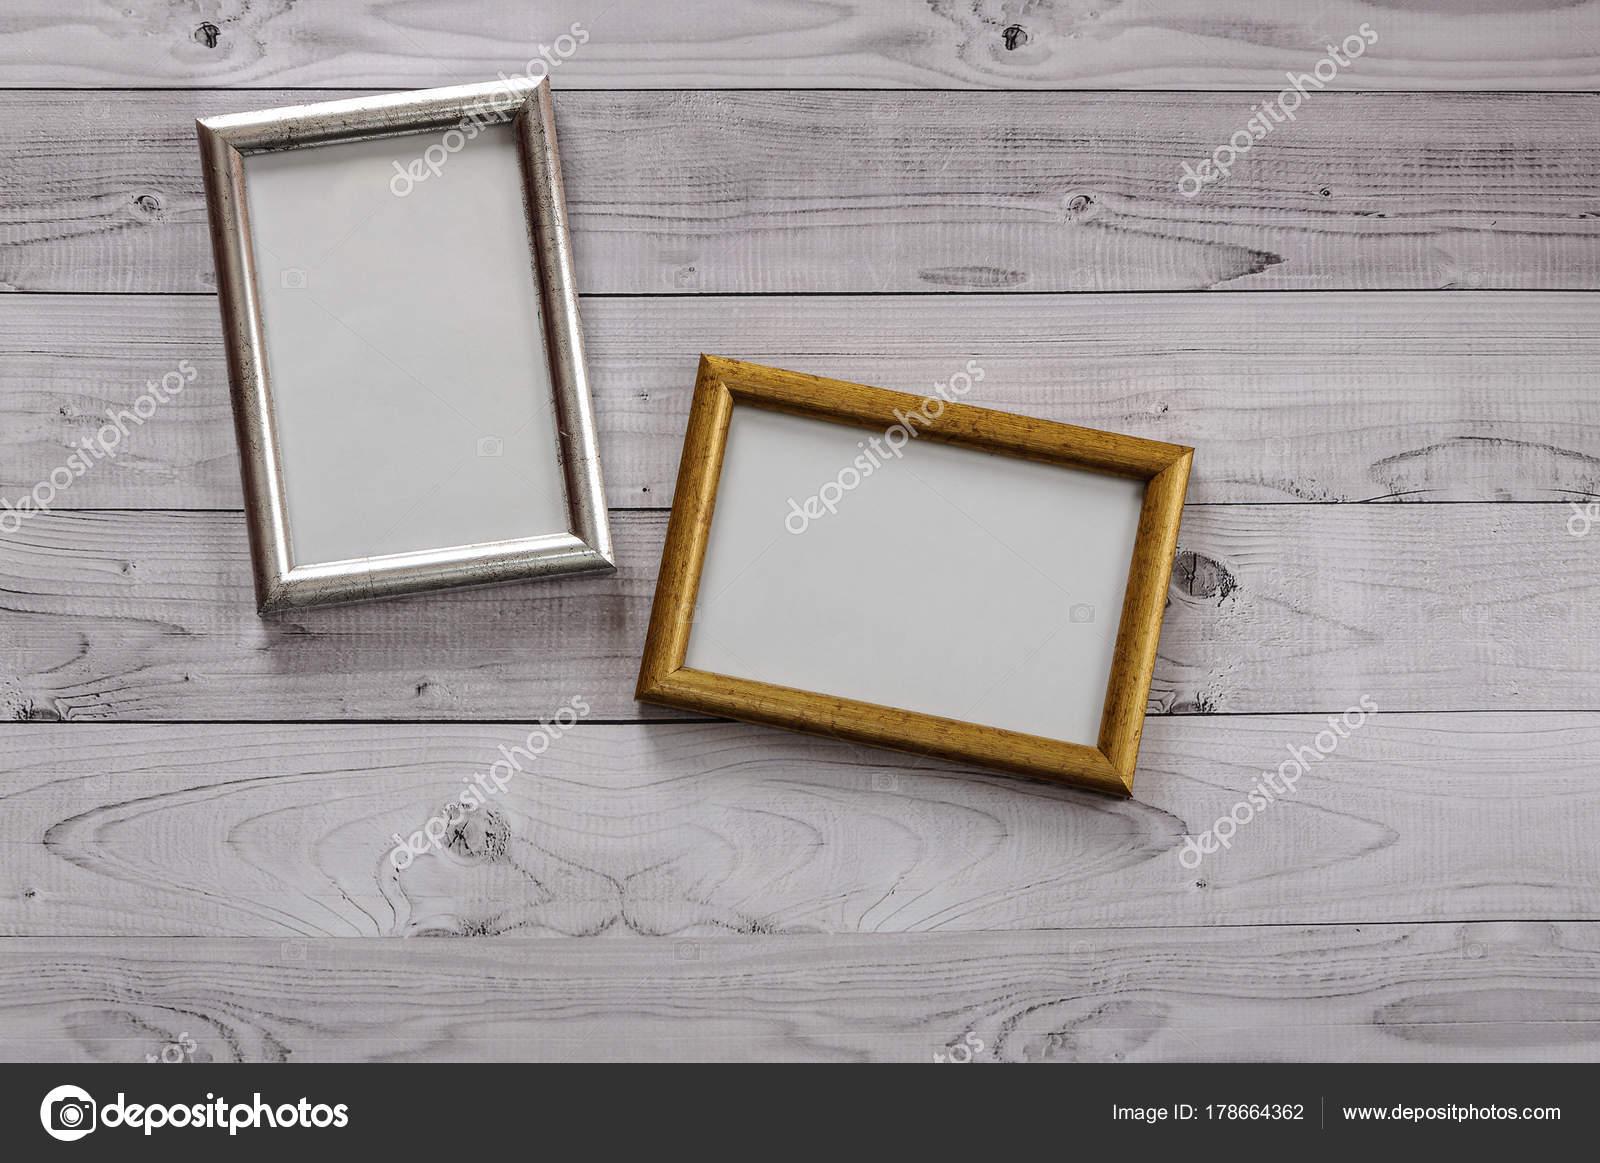 Zwei Rahmen für Fotos auf einem leichten, Vintage Holz Hintergrund ...